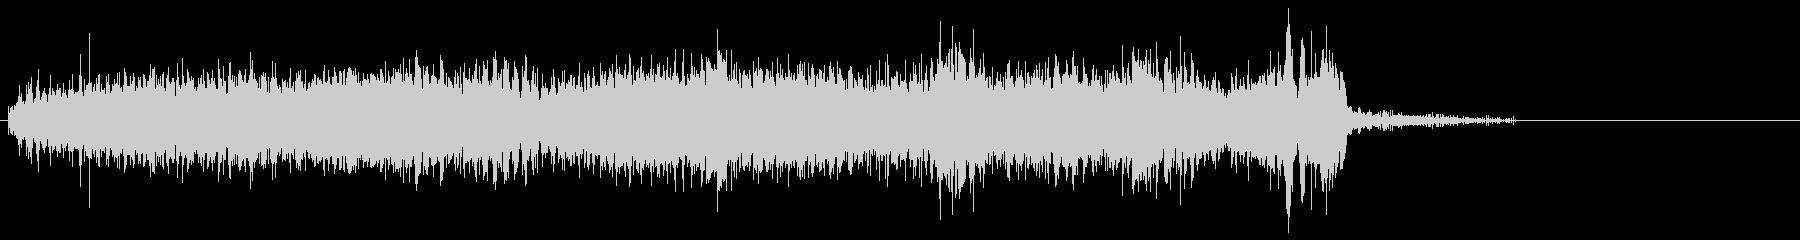 電気ドリル5の未再生の波形